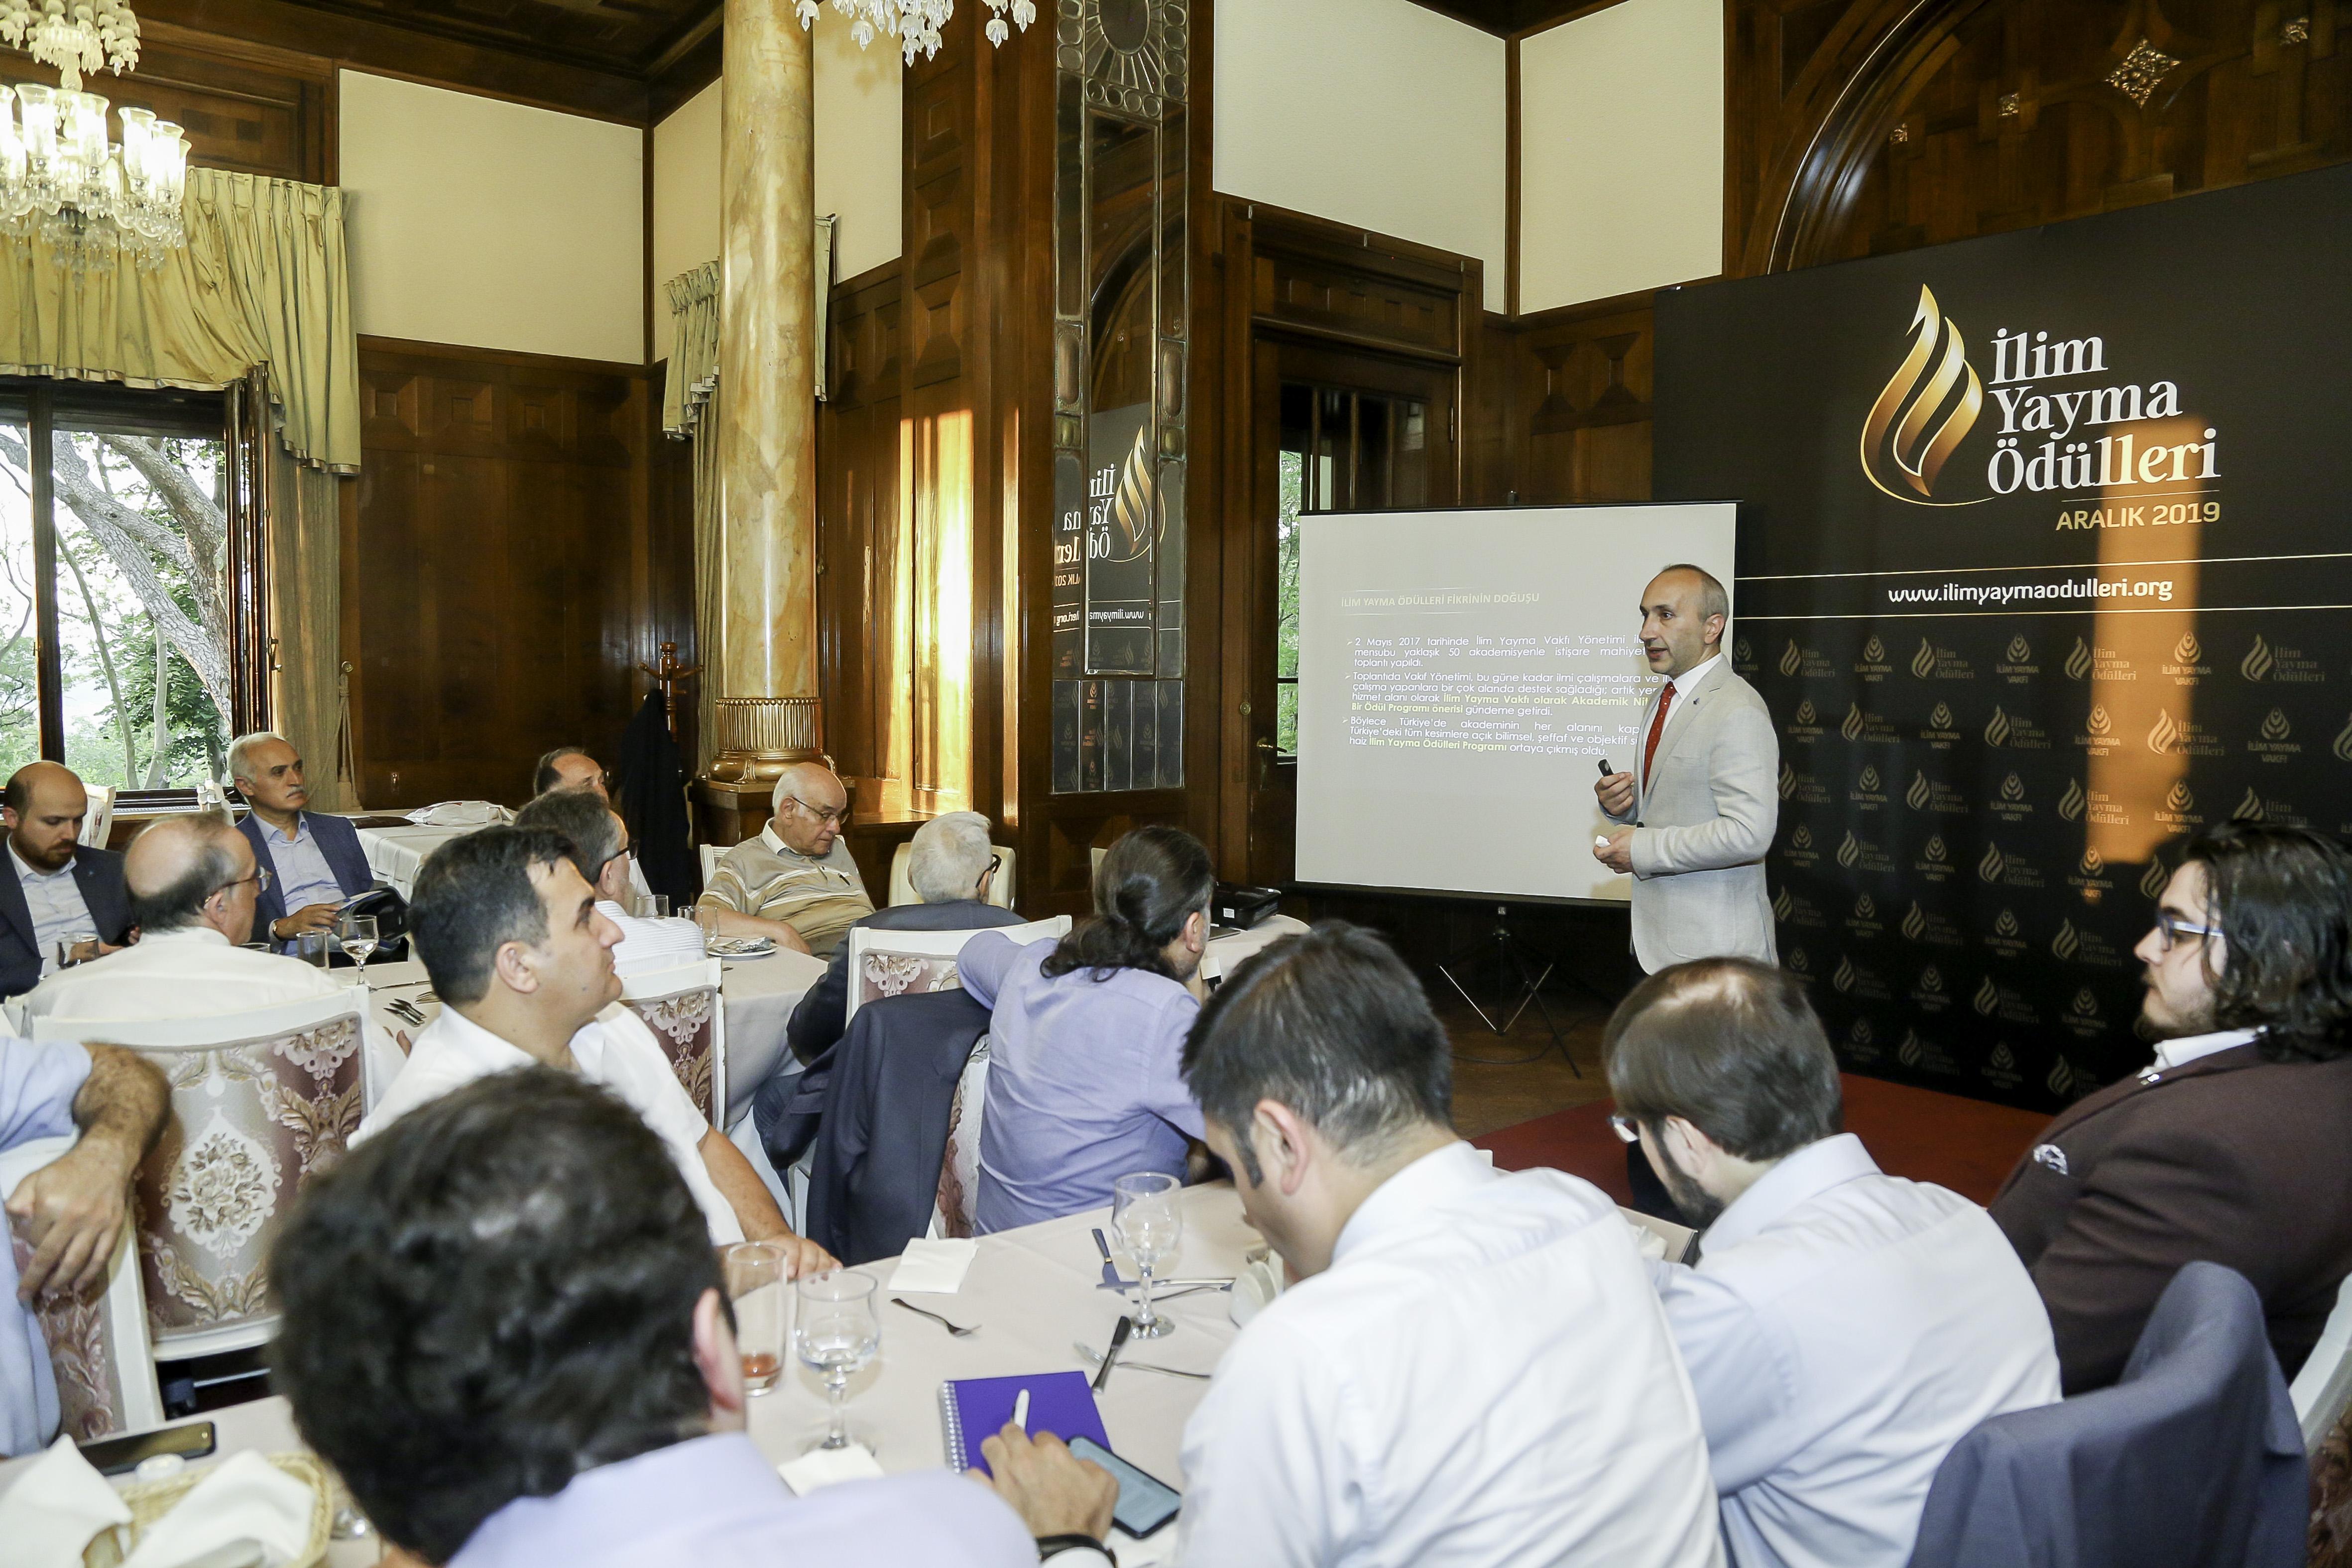 İlim Yayma Ödülleri Onur Kurulu İle İstişare Ve Tanışma Toplantısı Gerçekleştirildi - Haberler - İlim Yayma Vakfı, İYV